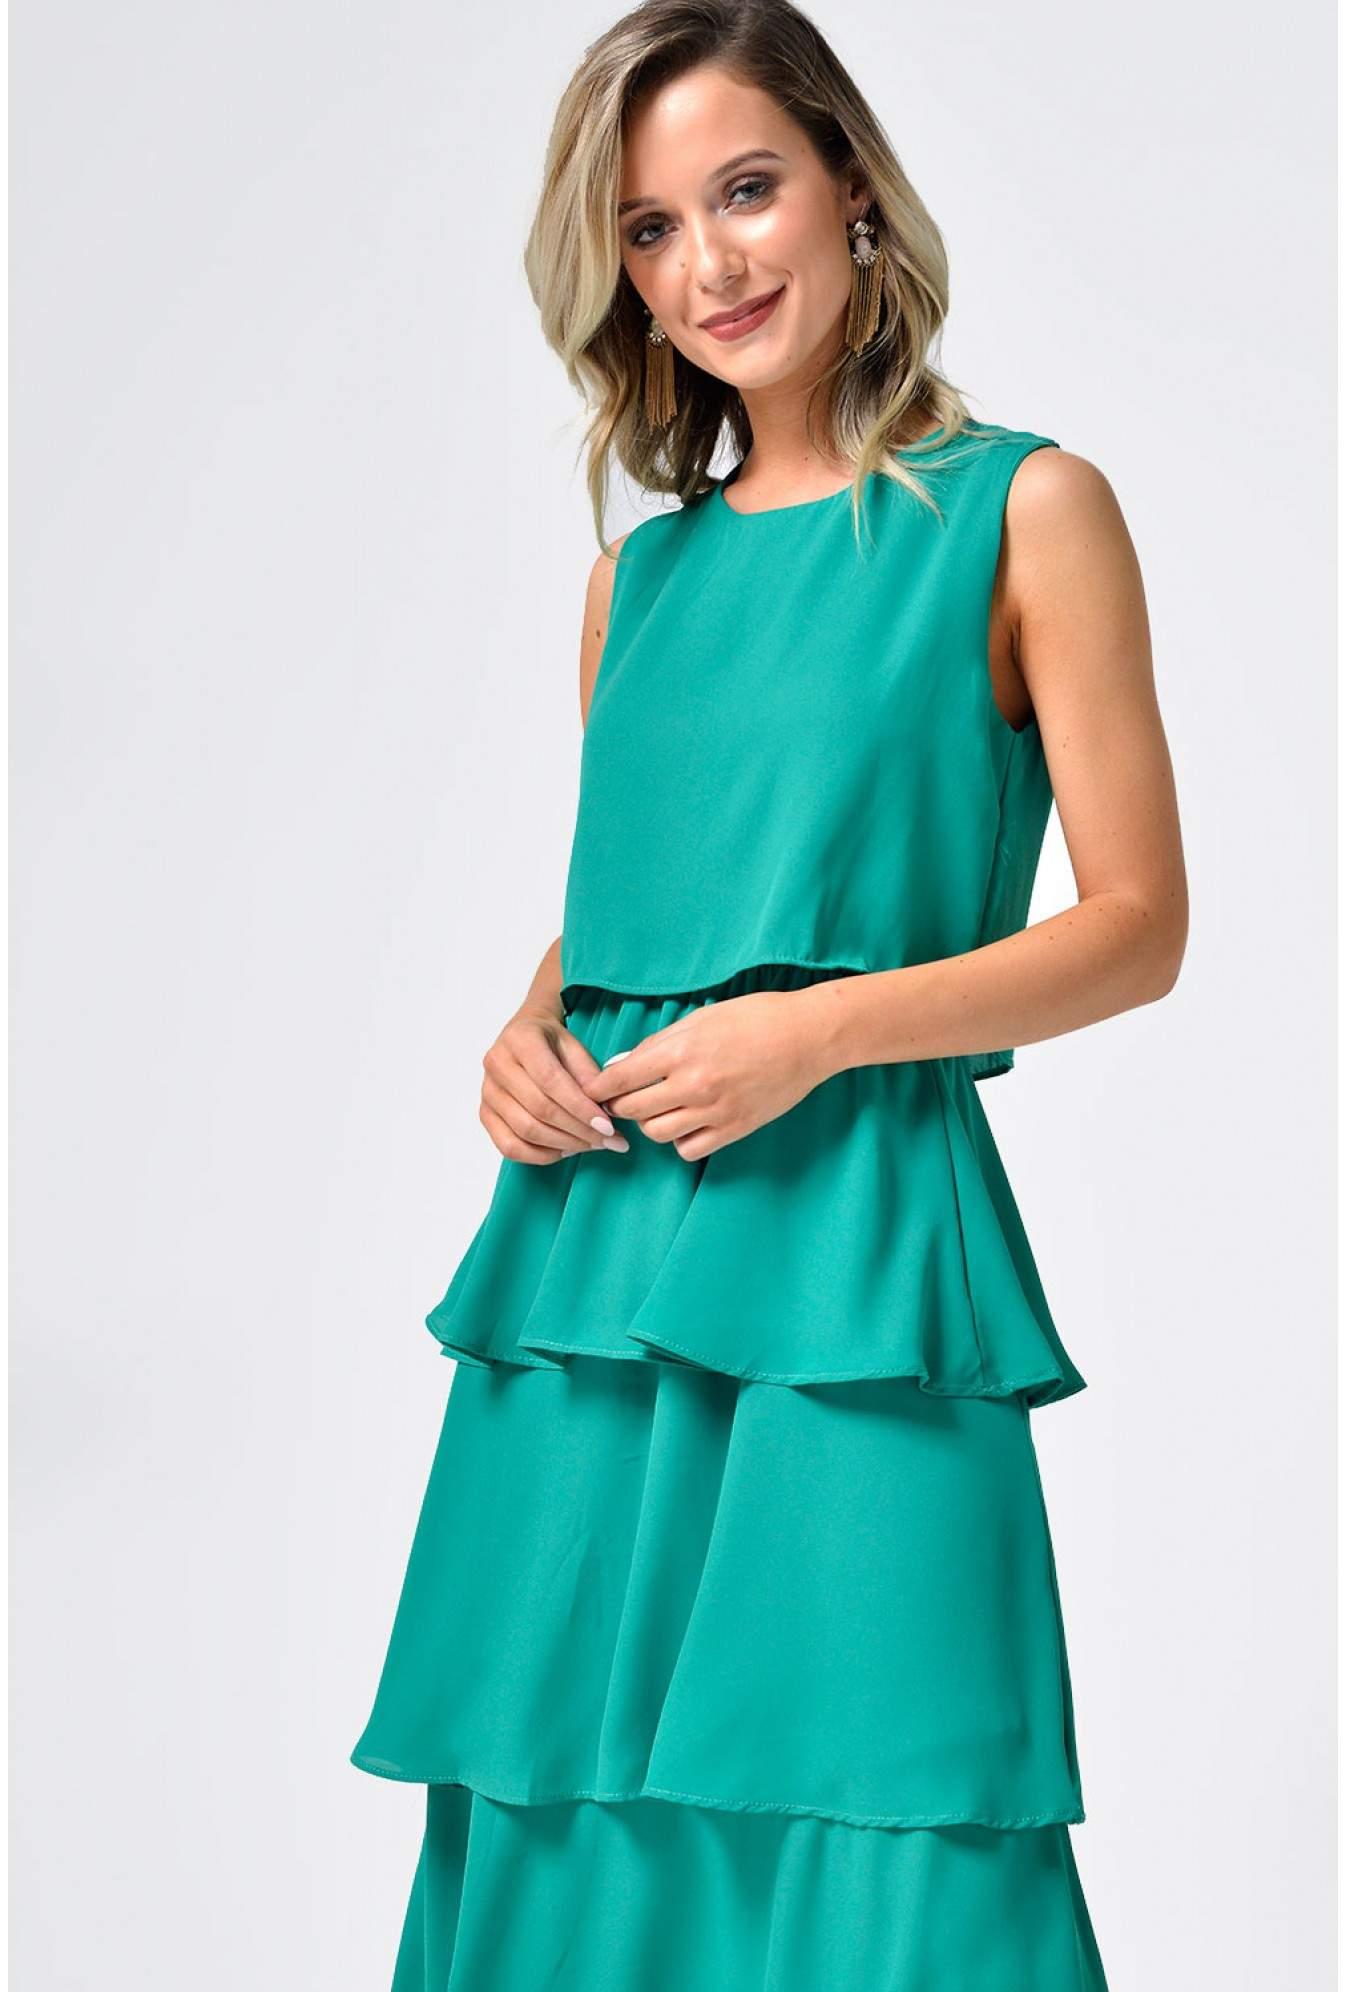 45b918aa Shikha Kelly Overlay Midi Dress in Green | iCLOTHING